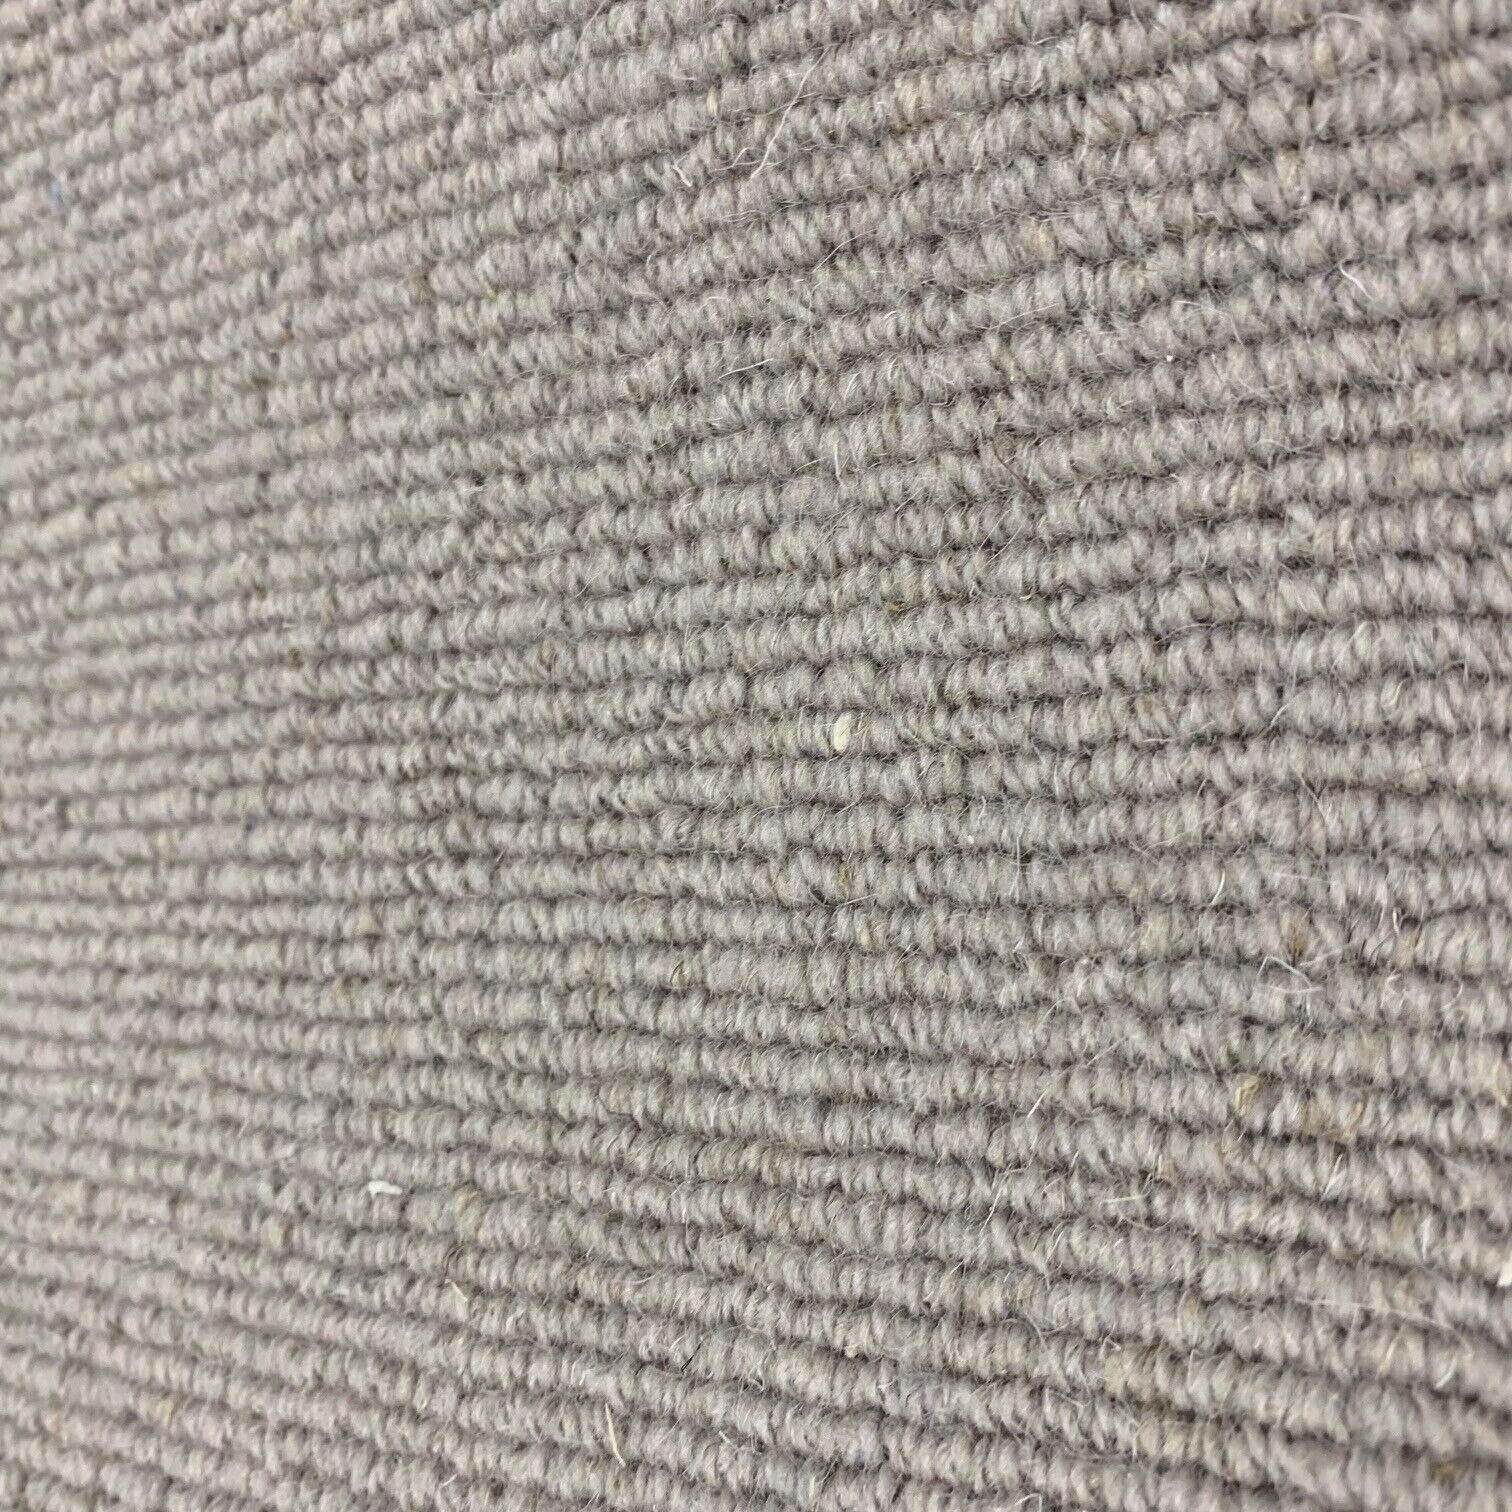 Berber Alfombra remanente Rollo Final en Bucle de lana beige Sauce Costilla Pila 5x5m 38% De Descuento